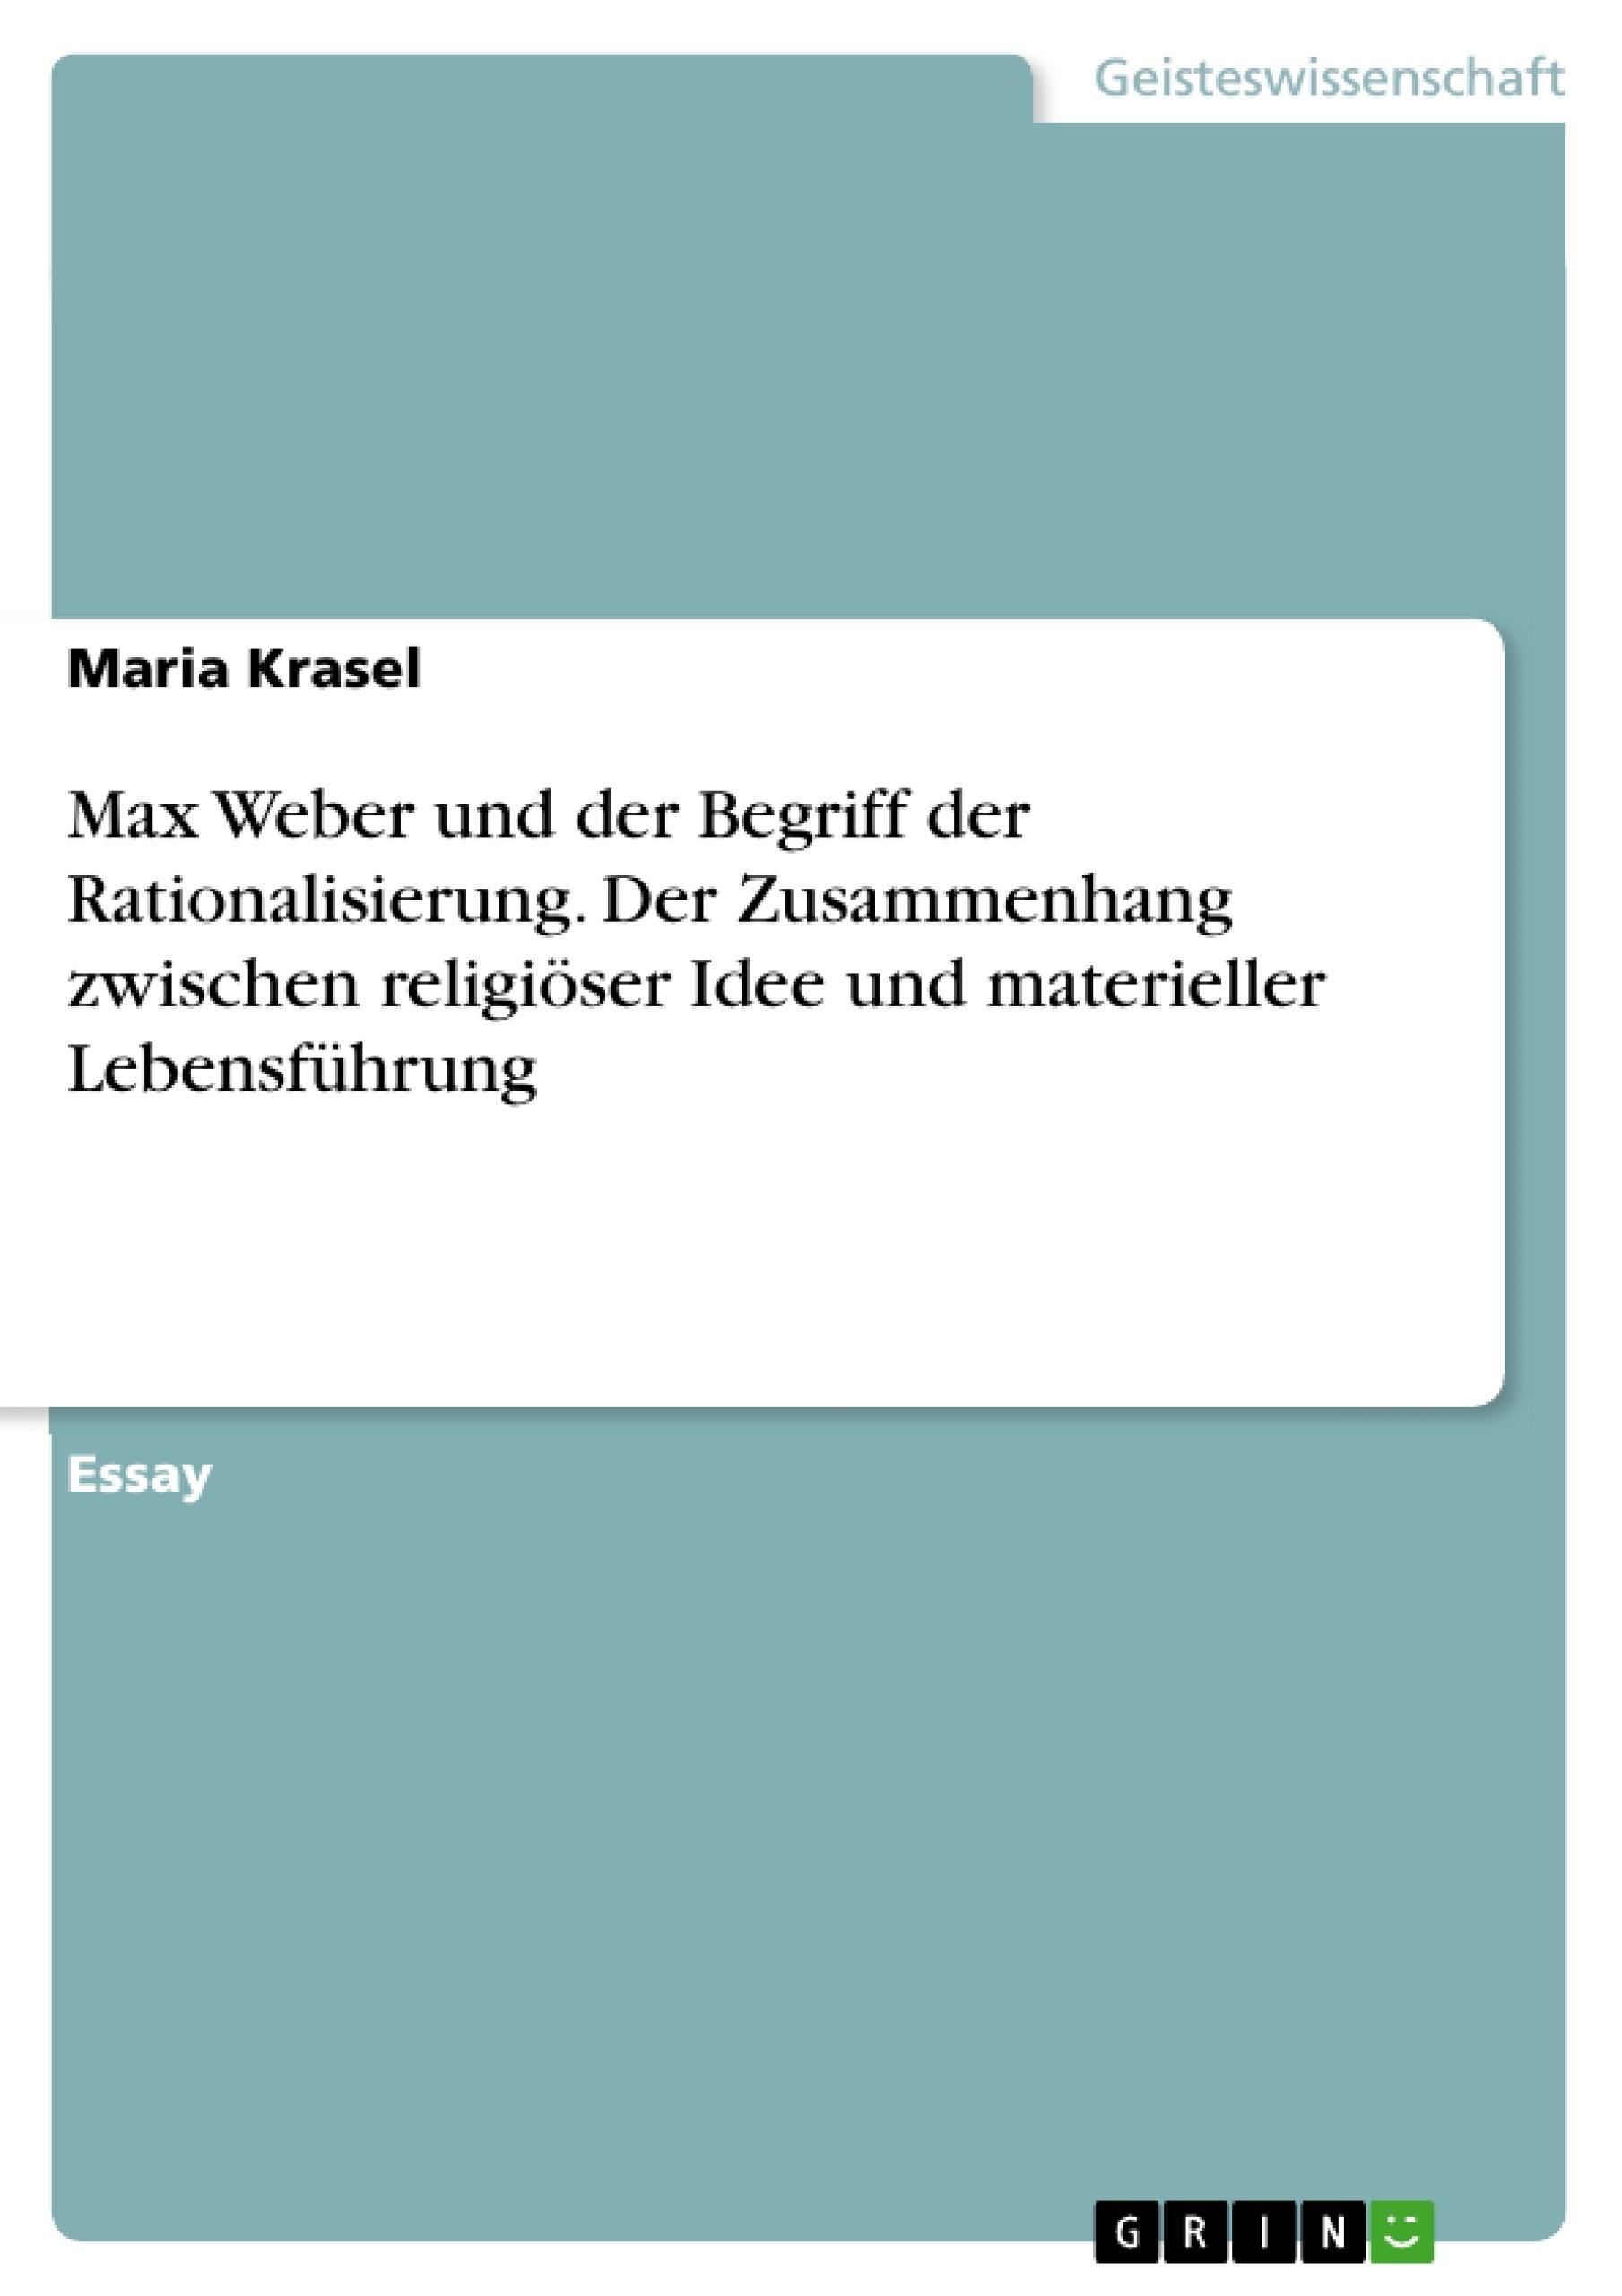 Titel: Max Weber und der Begriff der Rationalisierung. Der Zusammenhang zwischen religiöser Idee und materieller Lebensführung